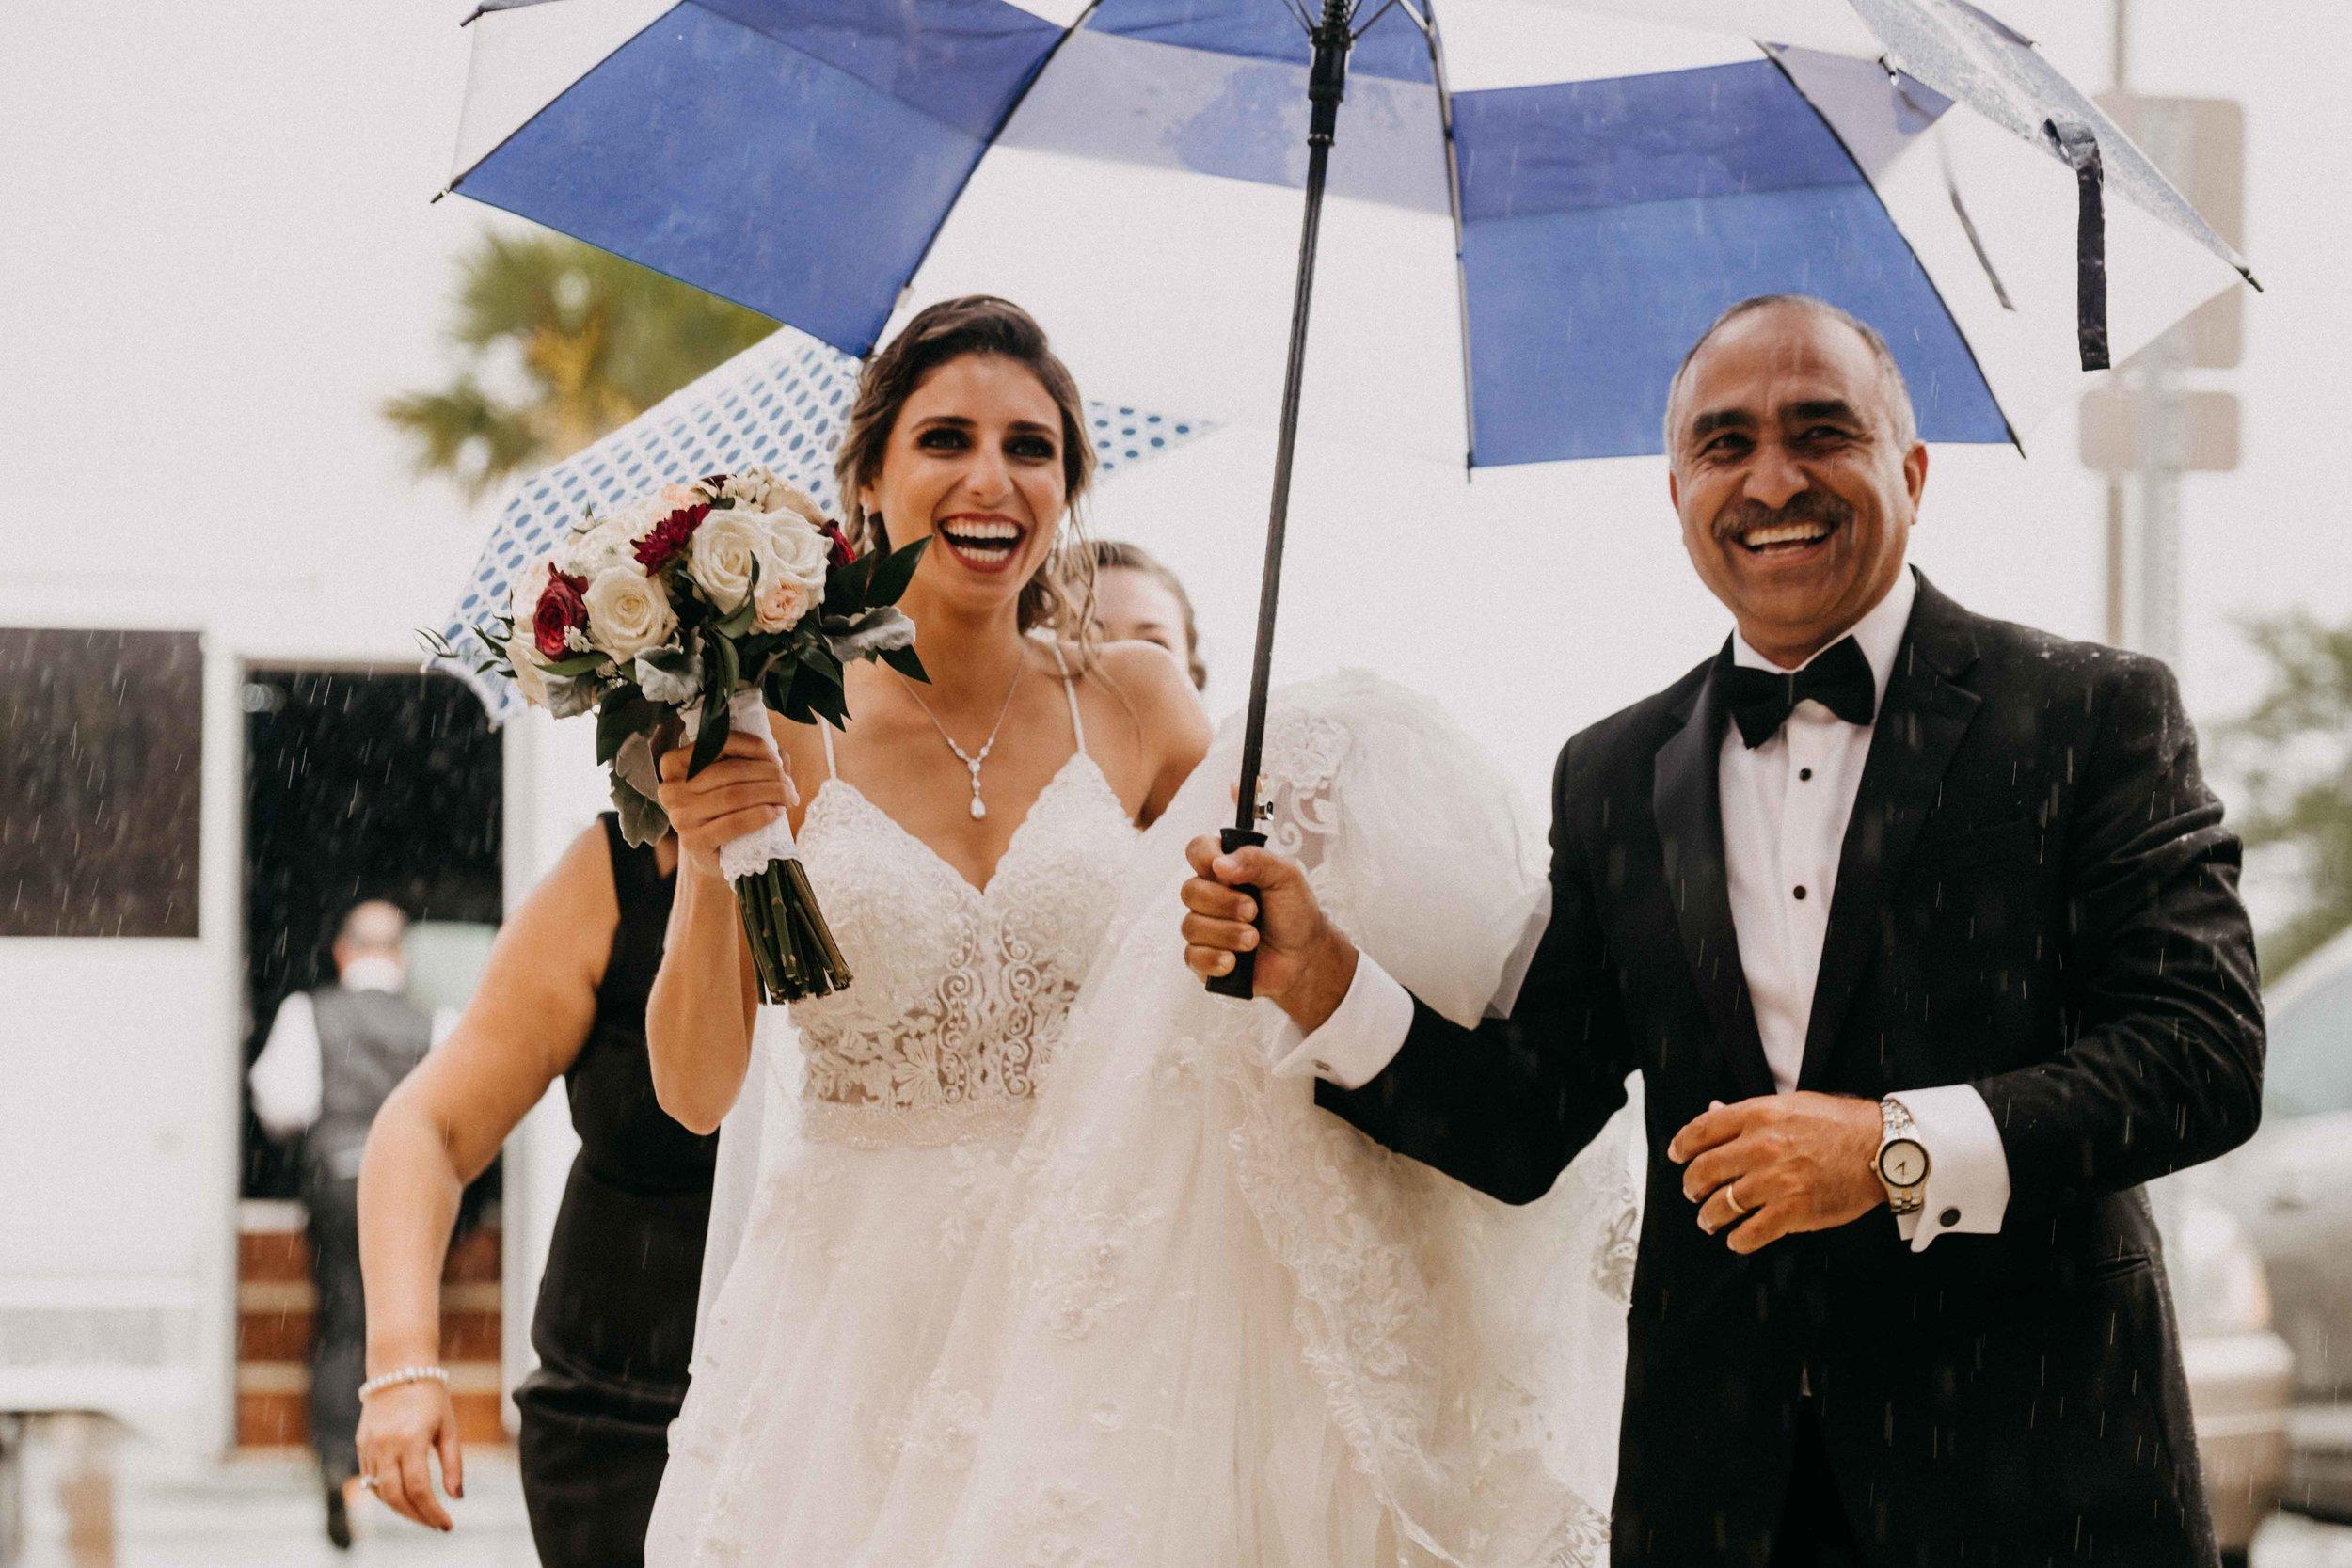 myrtle_beach_south_carolina_wedding_greek_orthodox076.jpg